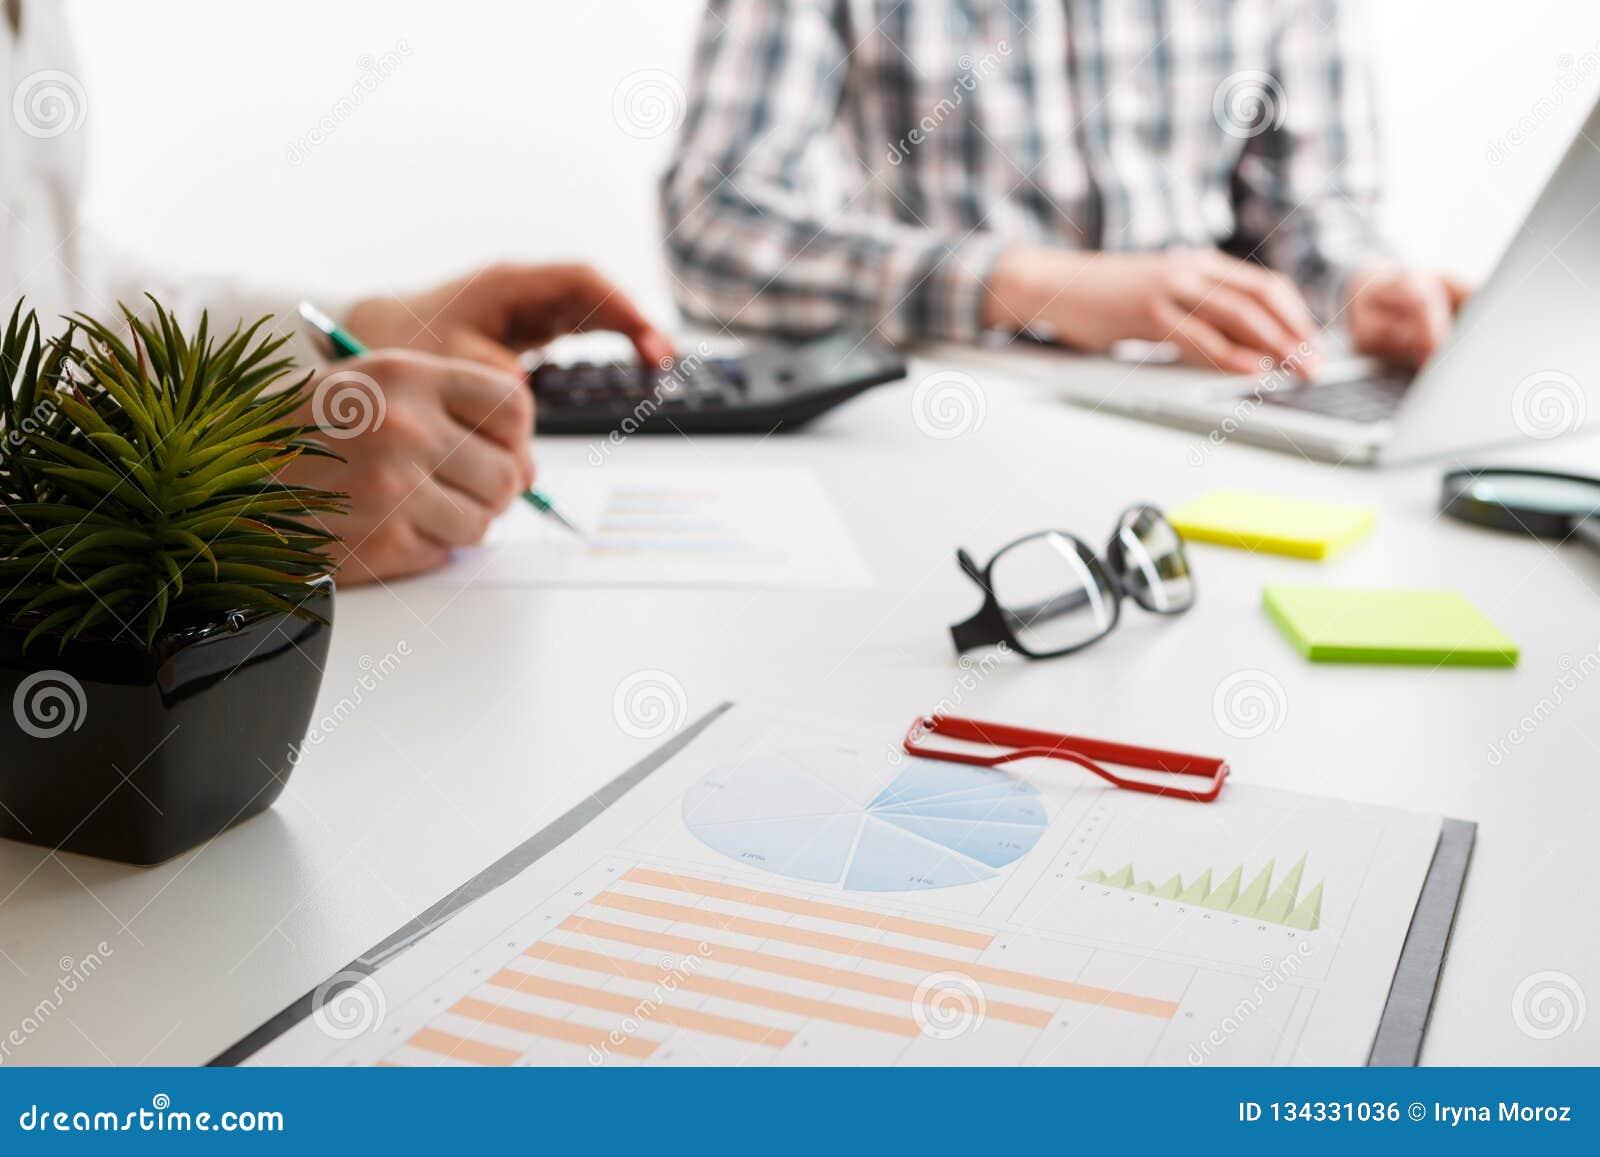 Documentos con la carta y el gráfico y pluma en el fondo del trabajo de dos empleados